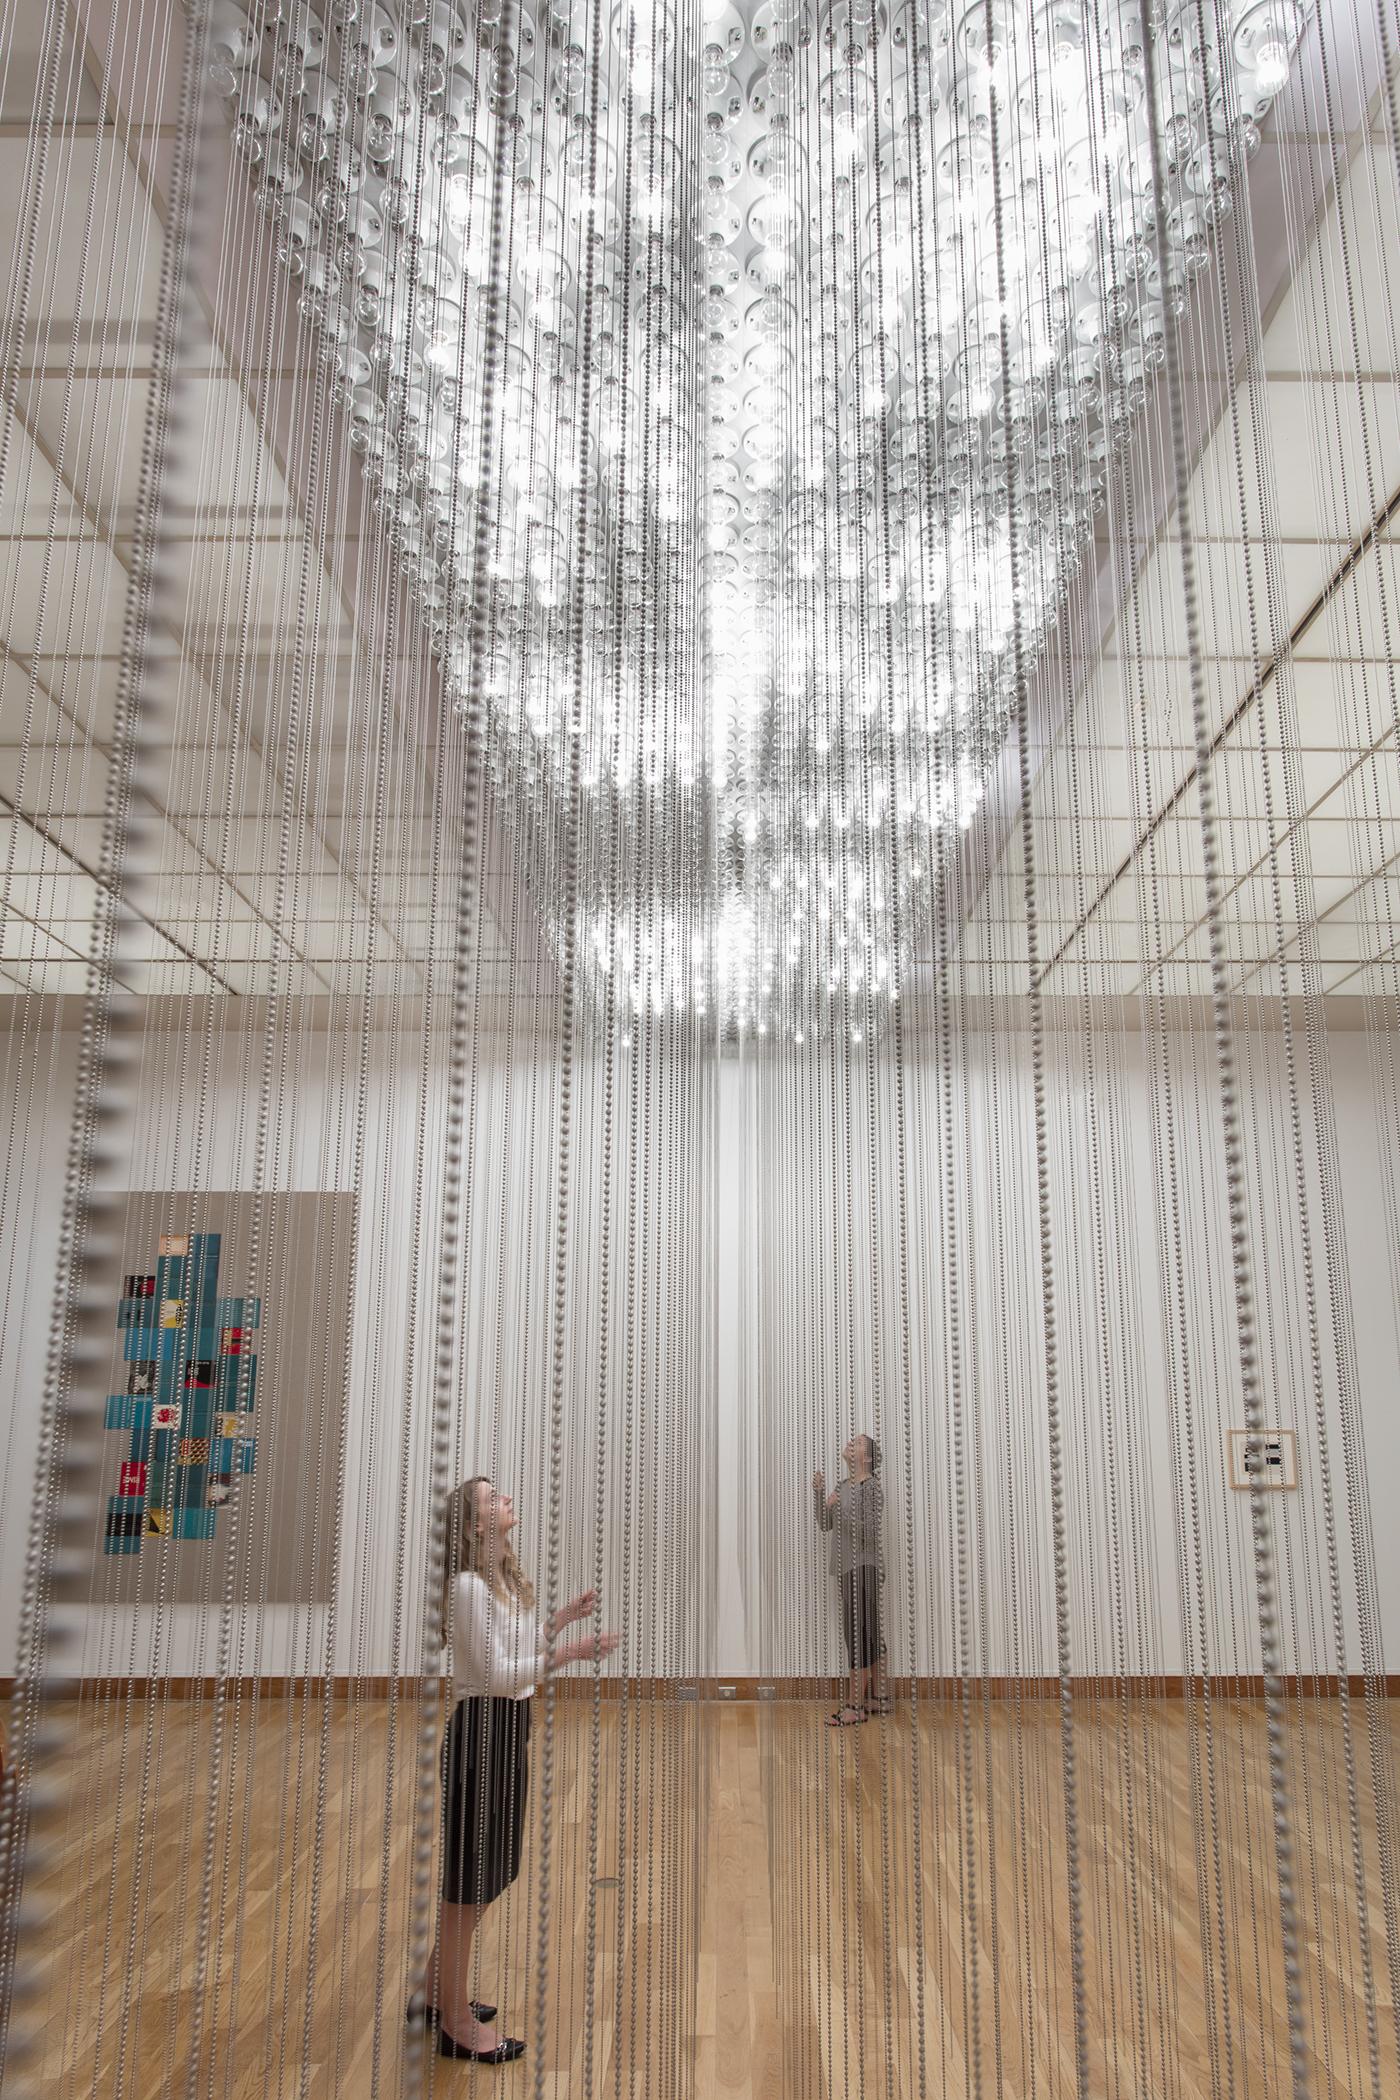 Série Vaga Lume (2007), com fios pendurados que vão do teto ao chão